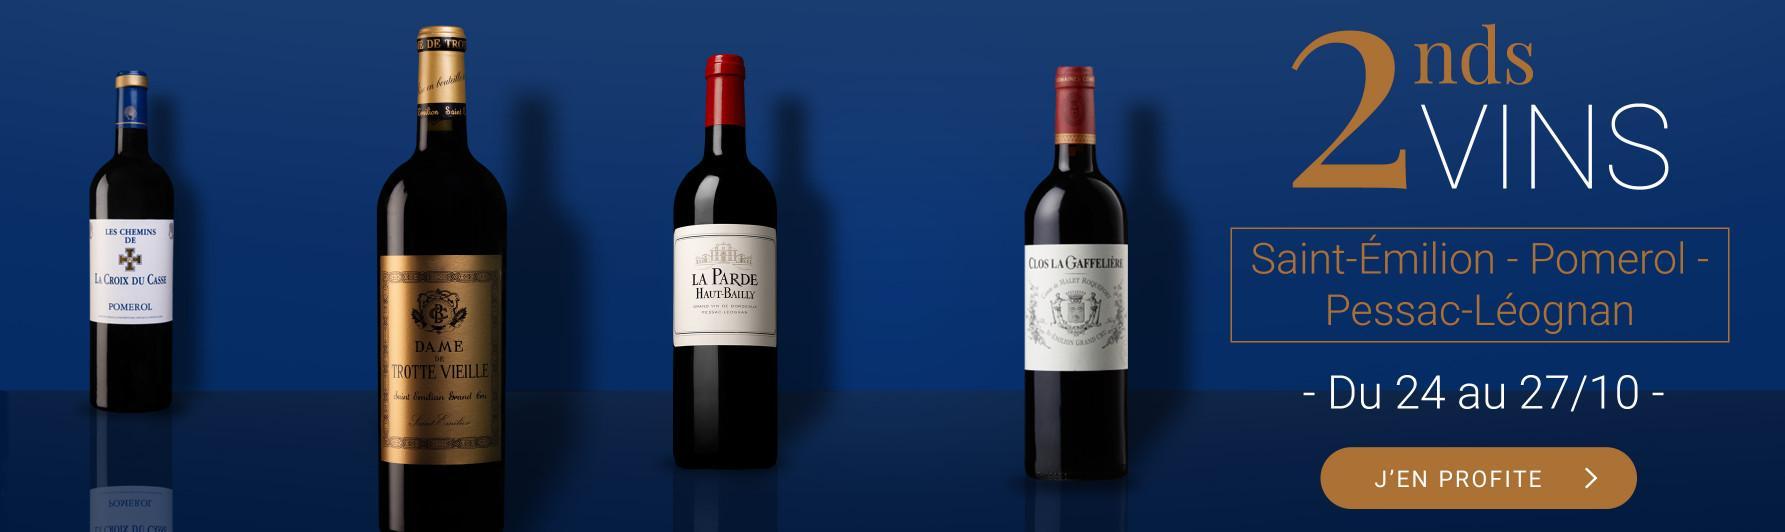 2nds vins Saint-Emilion, Pessac-Léognan, Pomerol